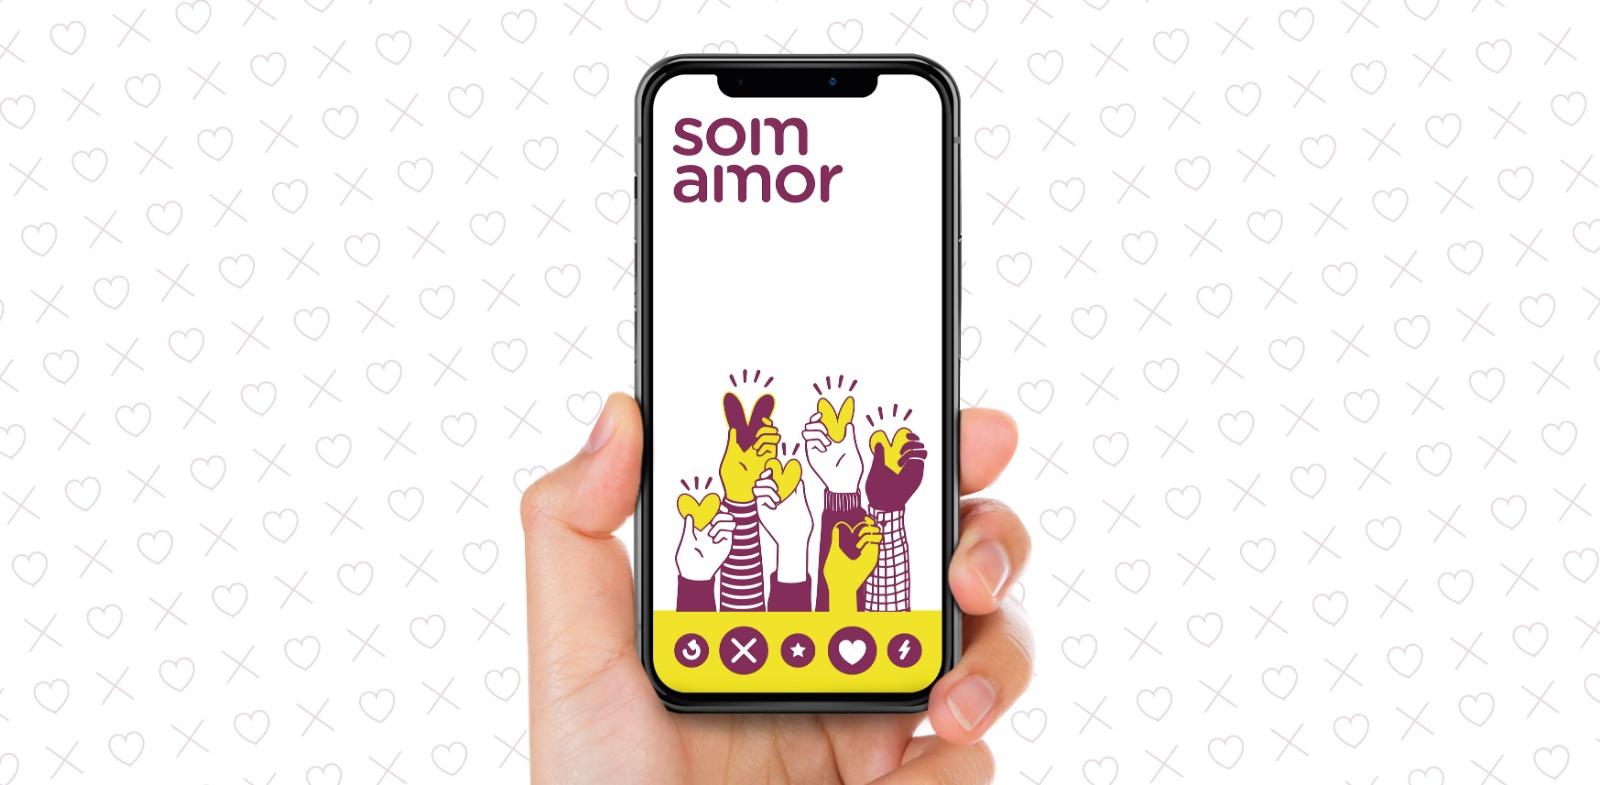 Som Connexió Impulsa Una App Per Lligar De Forma ètica I Fomentar Les Relacions Sostenibles En Temps De Confinament: Som Amor